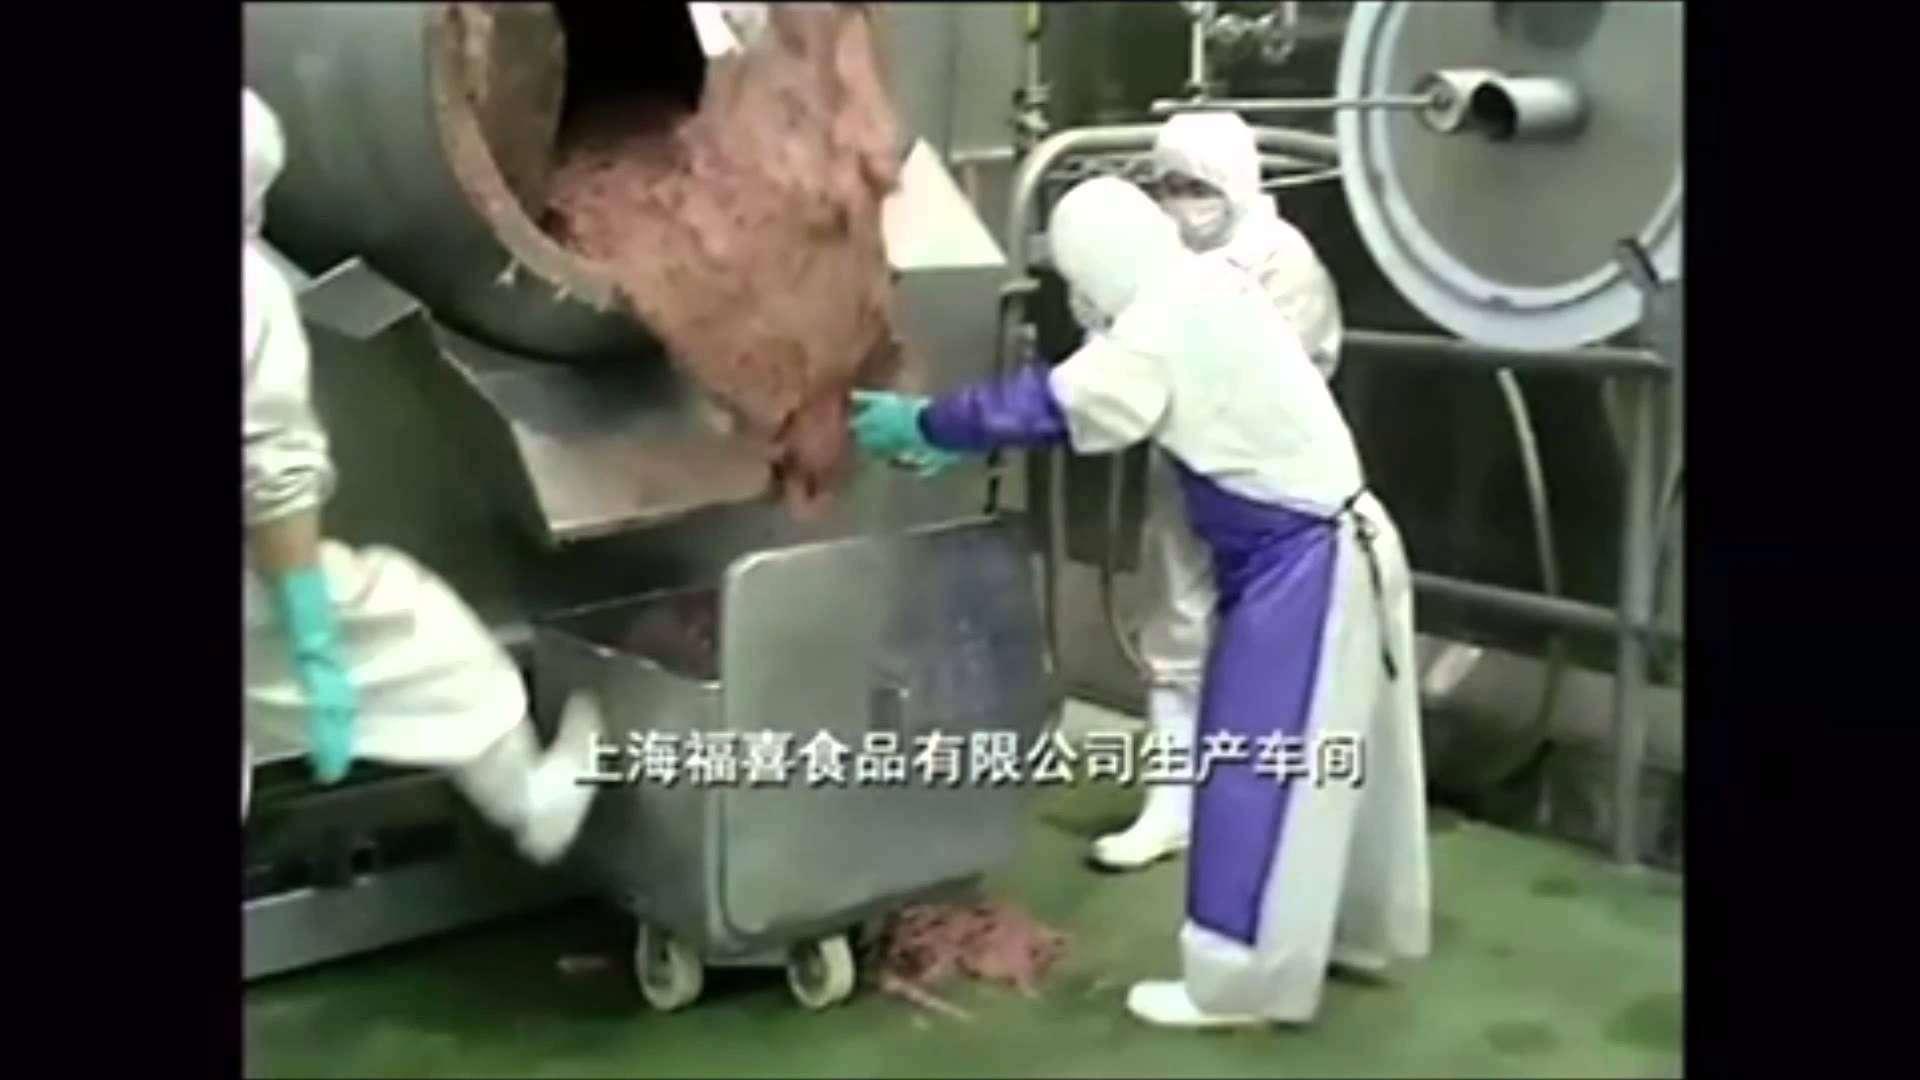 【中国食品汚染】これは中国では一般的 しかも騙すレベルが高すぎ! - YouTube